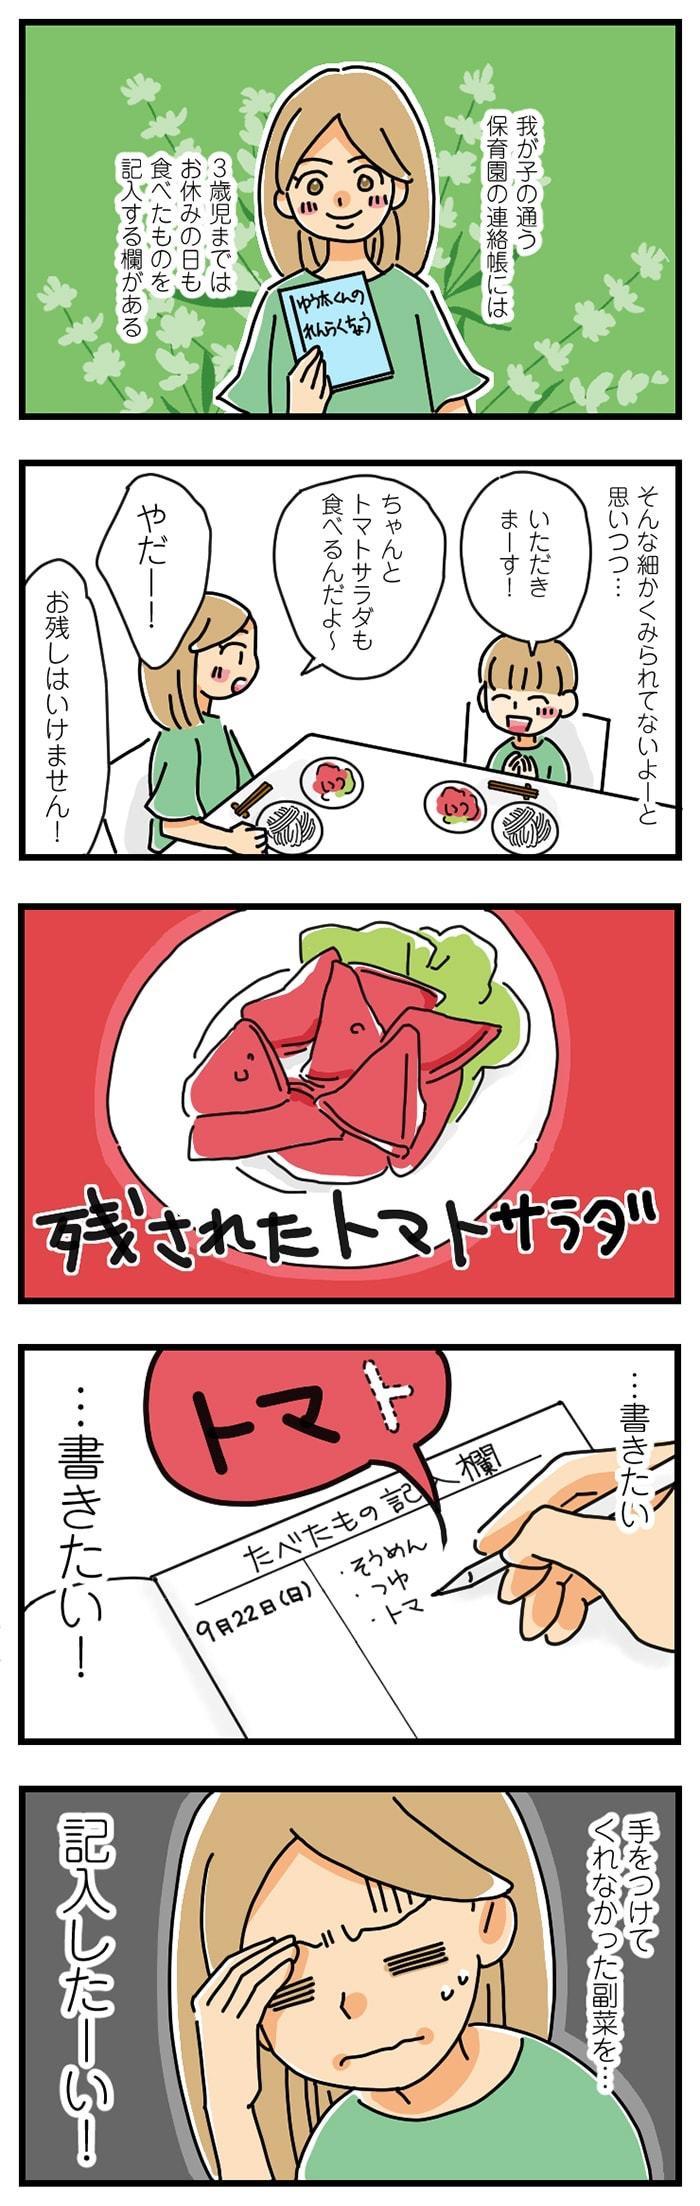 保育園の連絡帳でプチ葛藤!食事記入欄に「ハンバーガー」はどう記載する!?の画像1